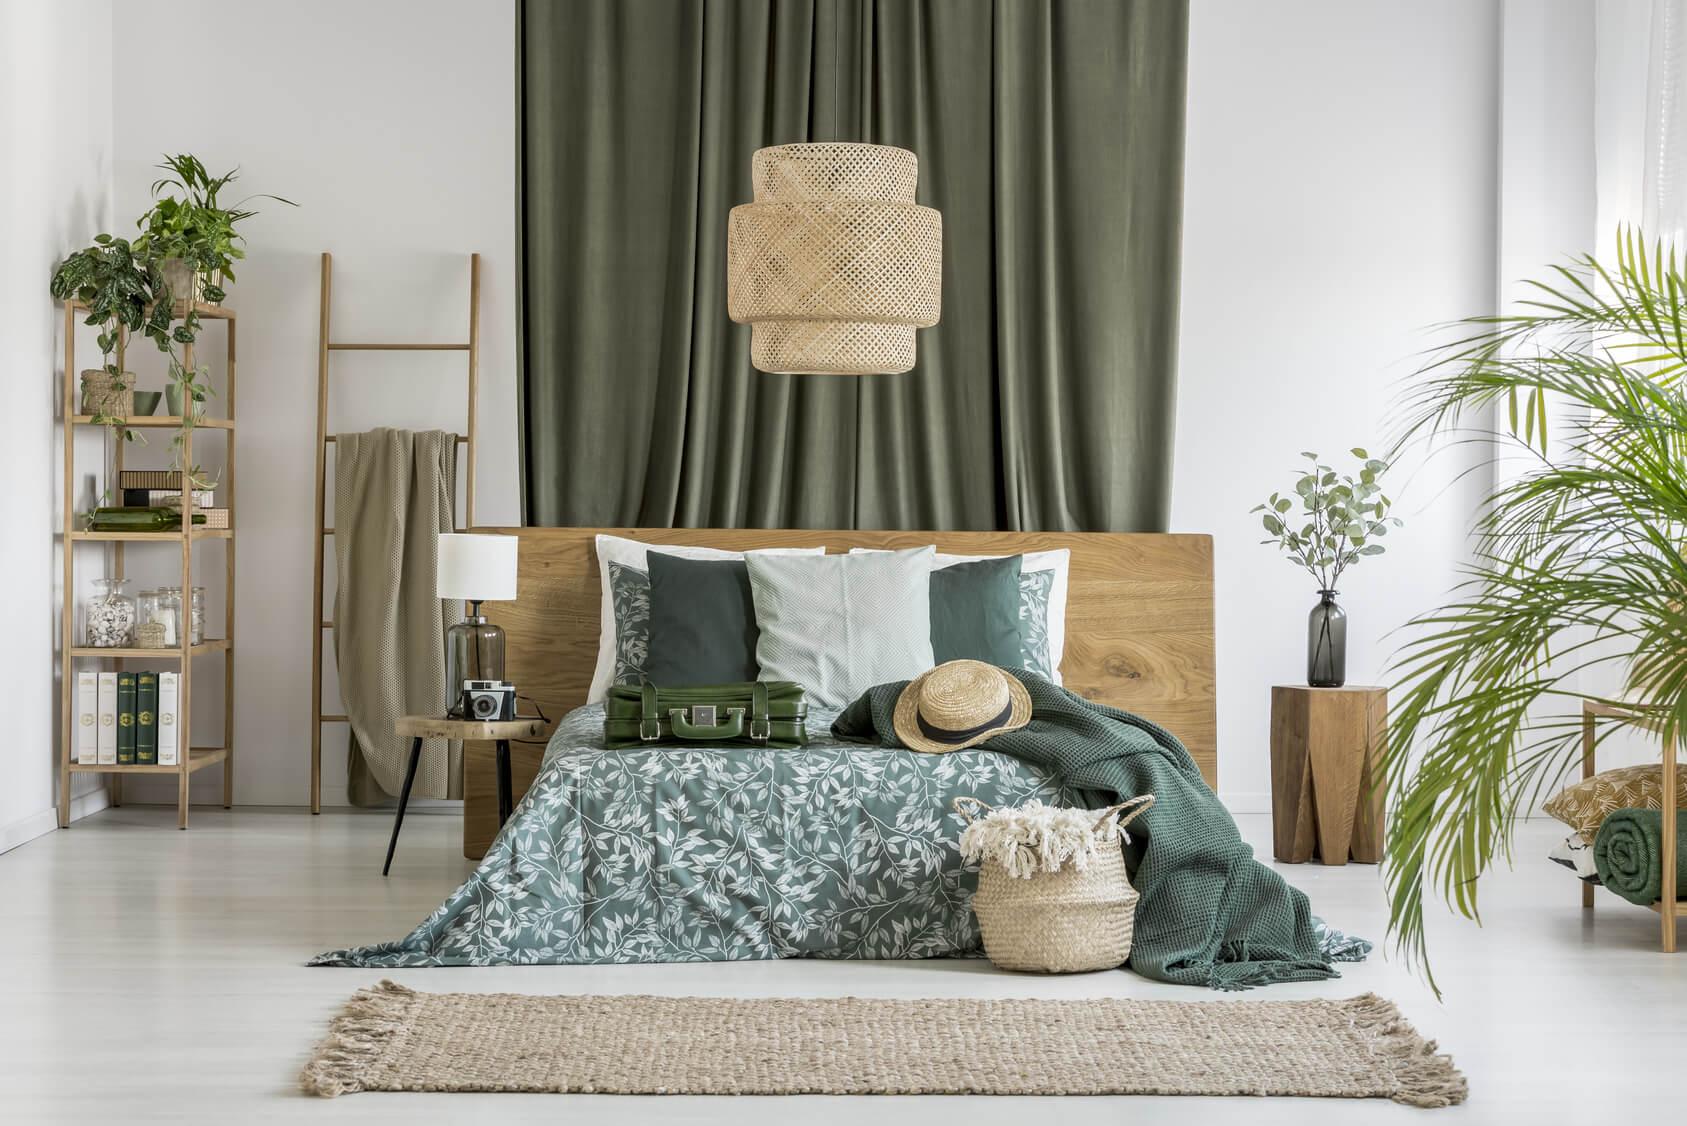 pflanzen im schlafzimmer besserer schlafkomfort das schlaf magazin. Black Bedroom Furniture Sets. Home Design Ideas